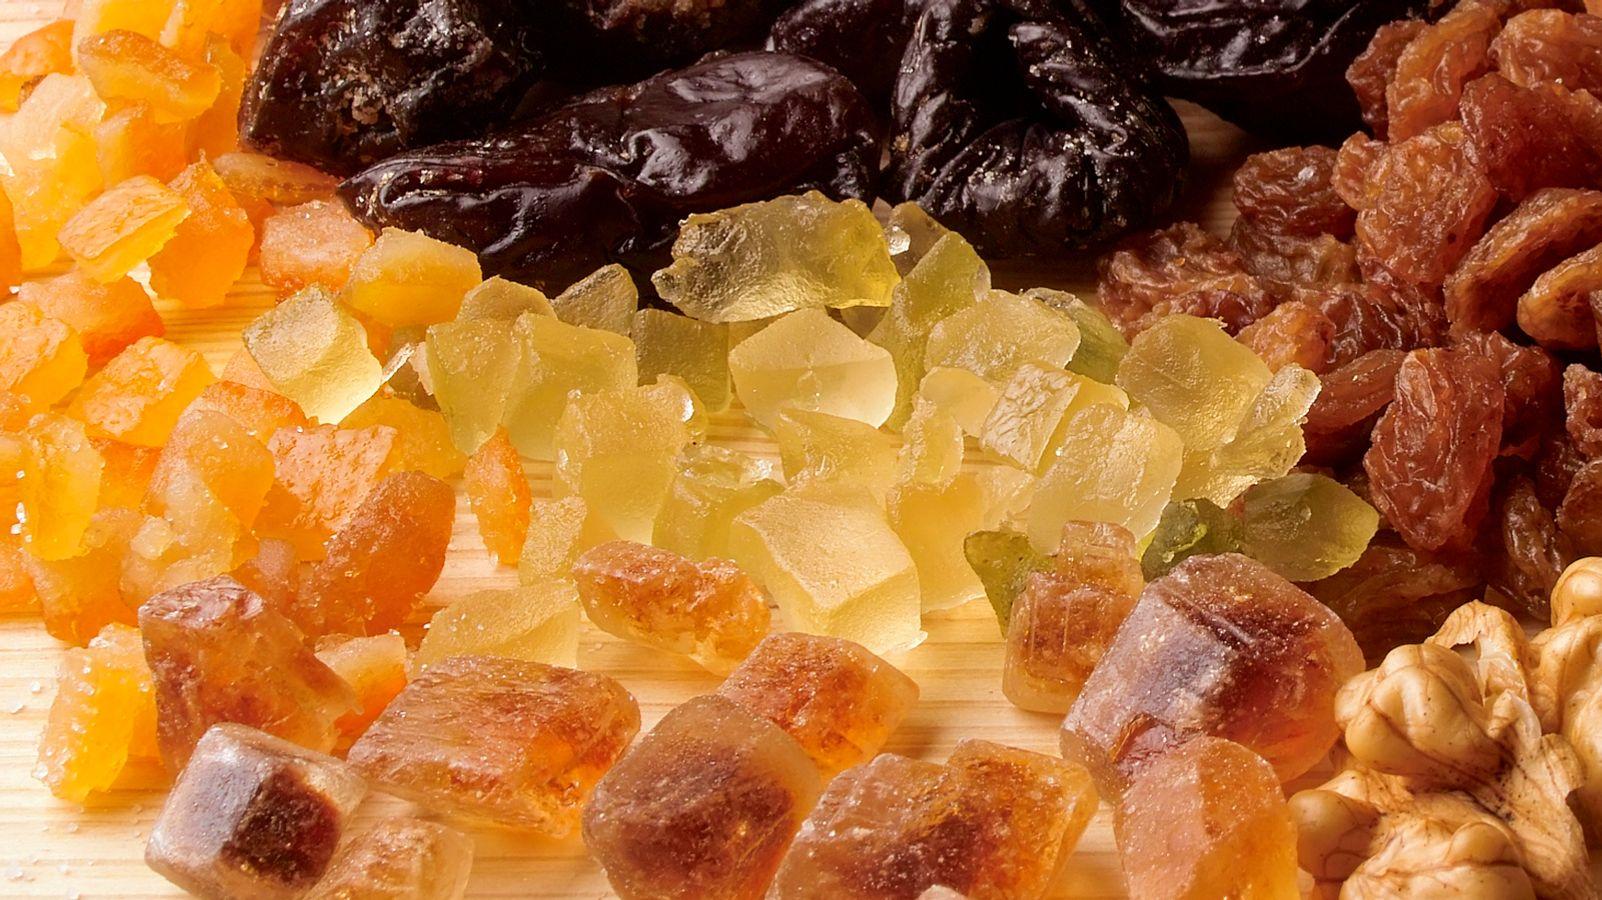 Zitronat und Orangeat: Manche mögen's zuckersüß